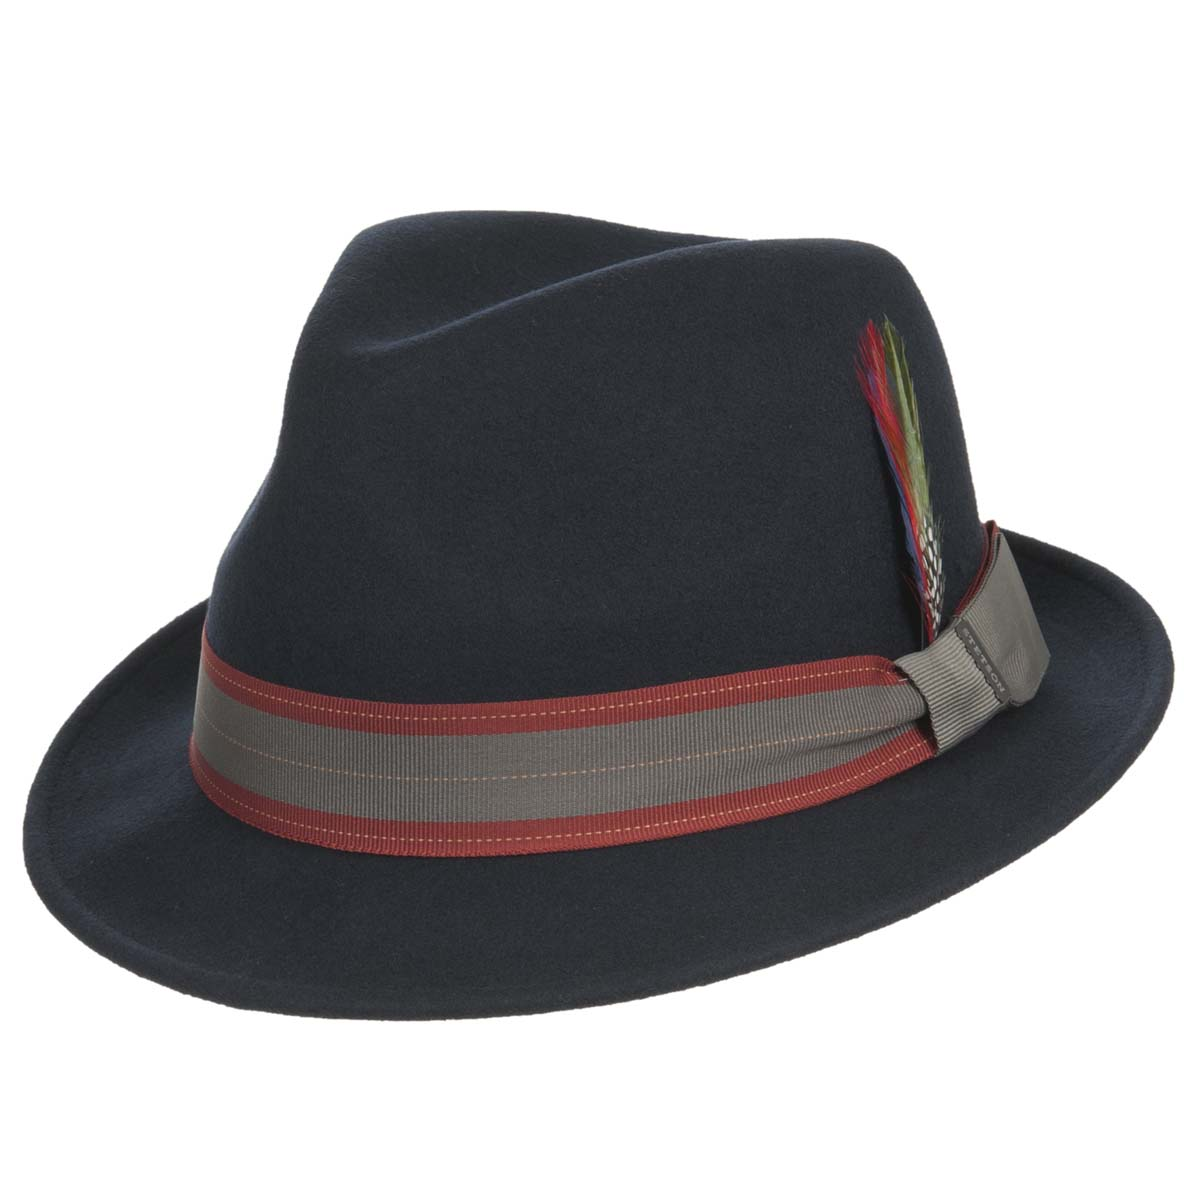 Cappello modello Trilby Oneida Wool firmato STETSON ... 898ee201e8d8